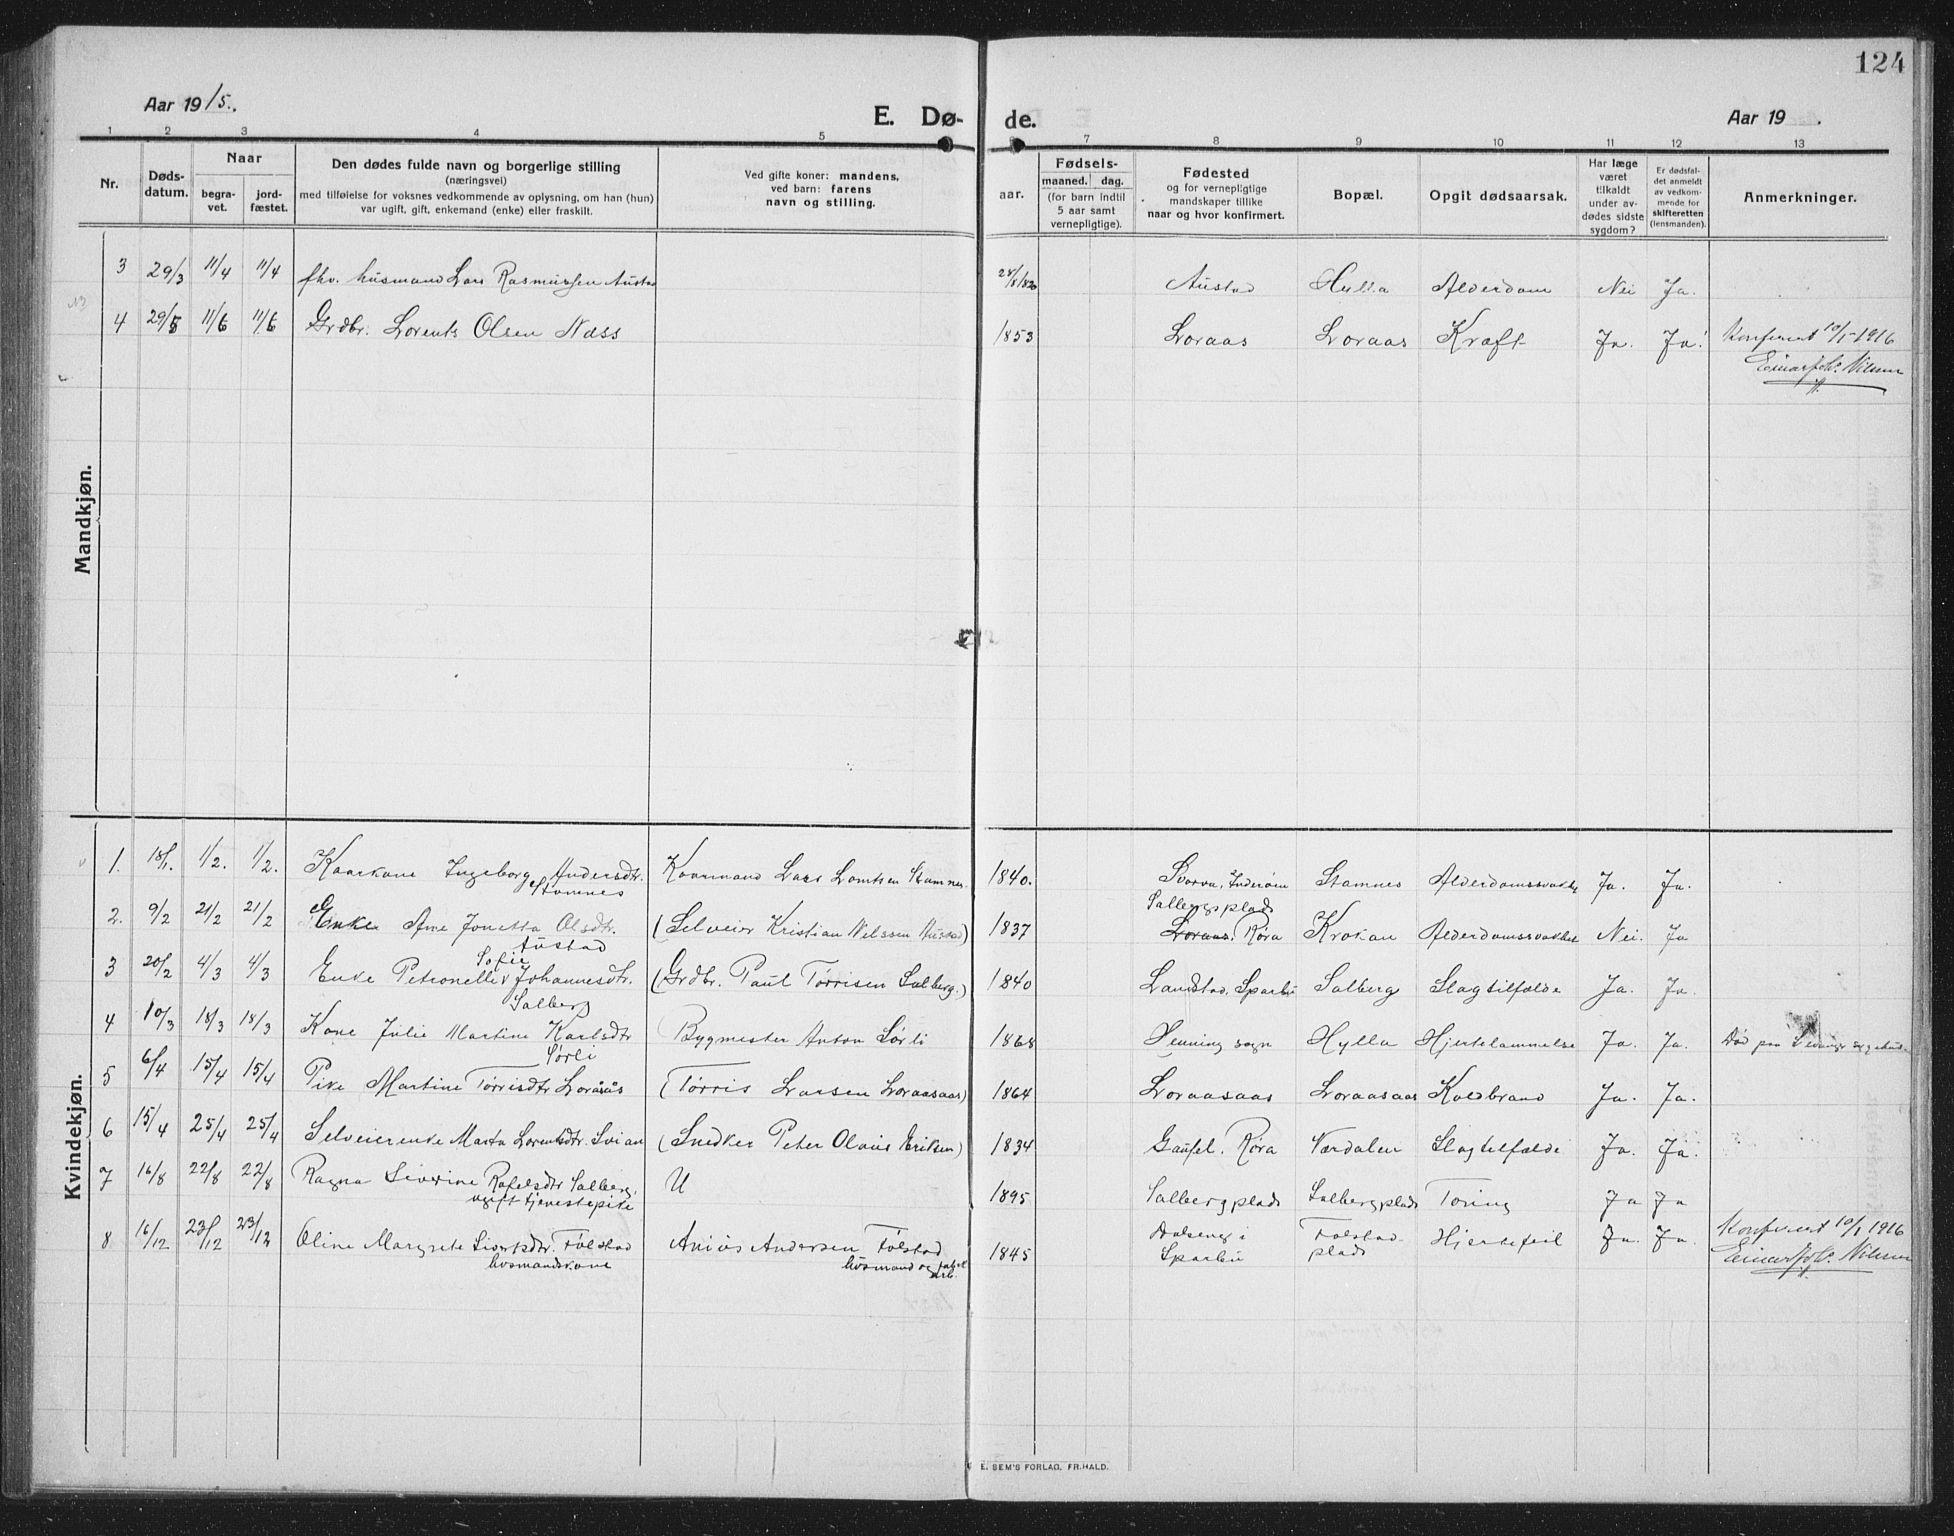 SAT, Ministerialprotokoller, klokkerbøker og fødselsregistre - Nord-Trøndelag, 731/L0312: Klokkerbok nr. 731C03, 1911-1935, s. 124